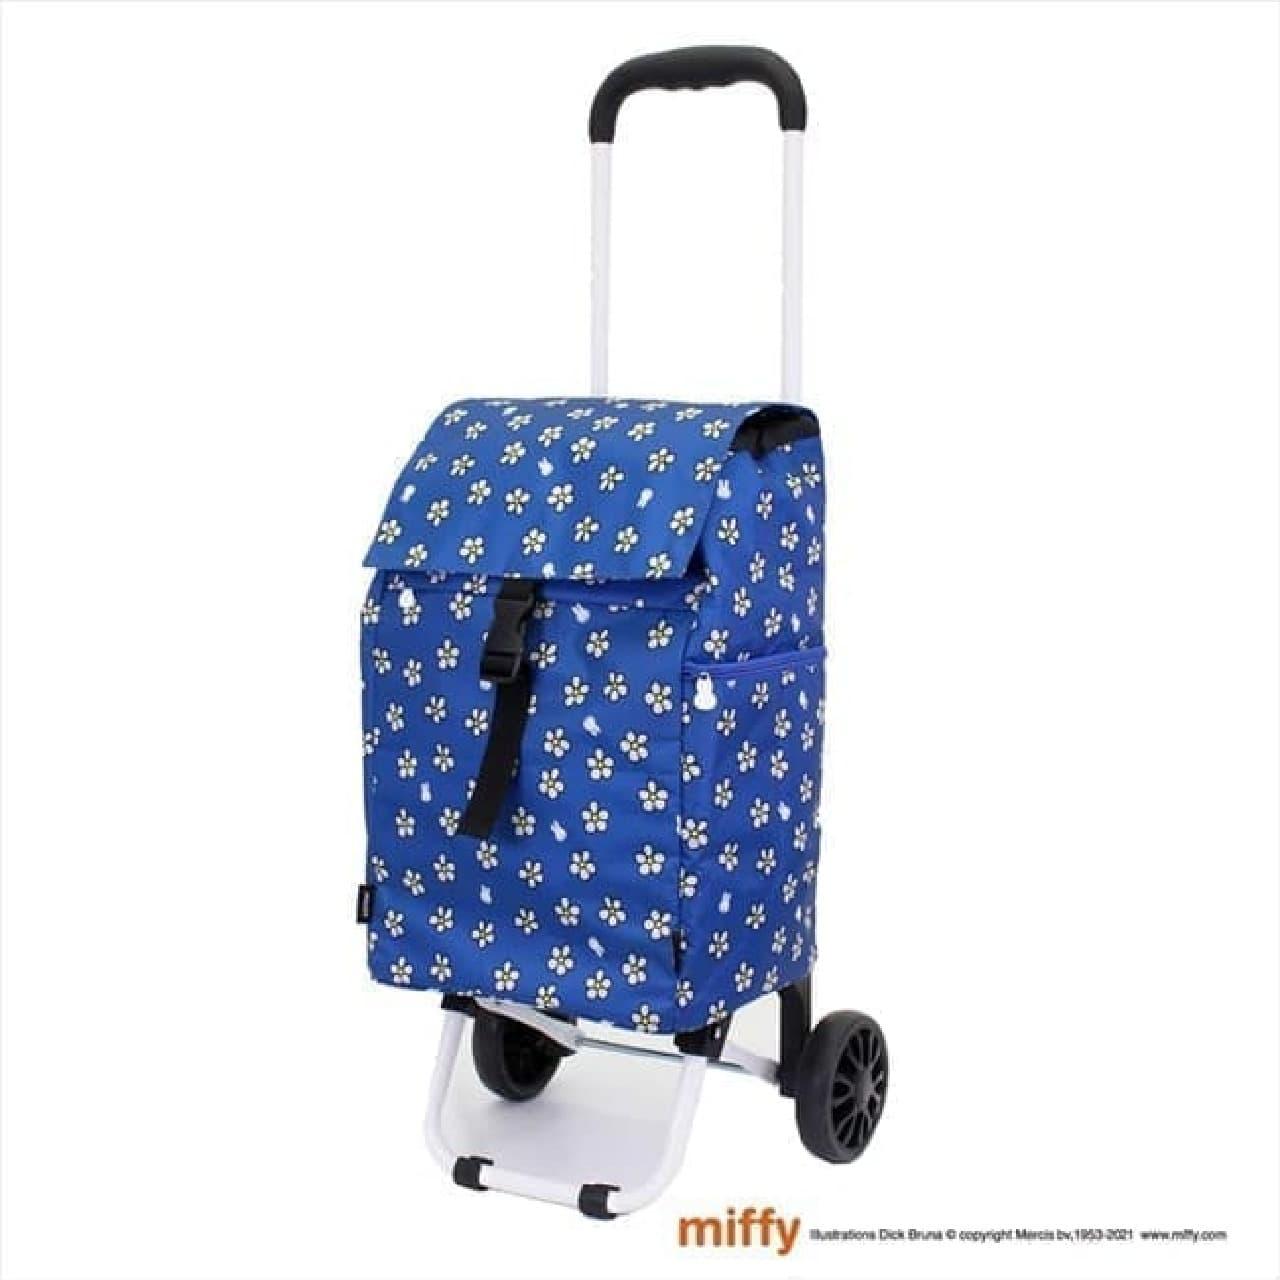 「【ミッフィー】保冷ショッピングカート」ヴィレヴァンに -- 可愛いフラワーブルー柄など